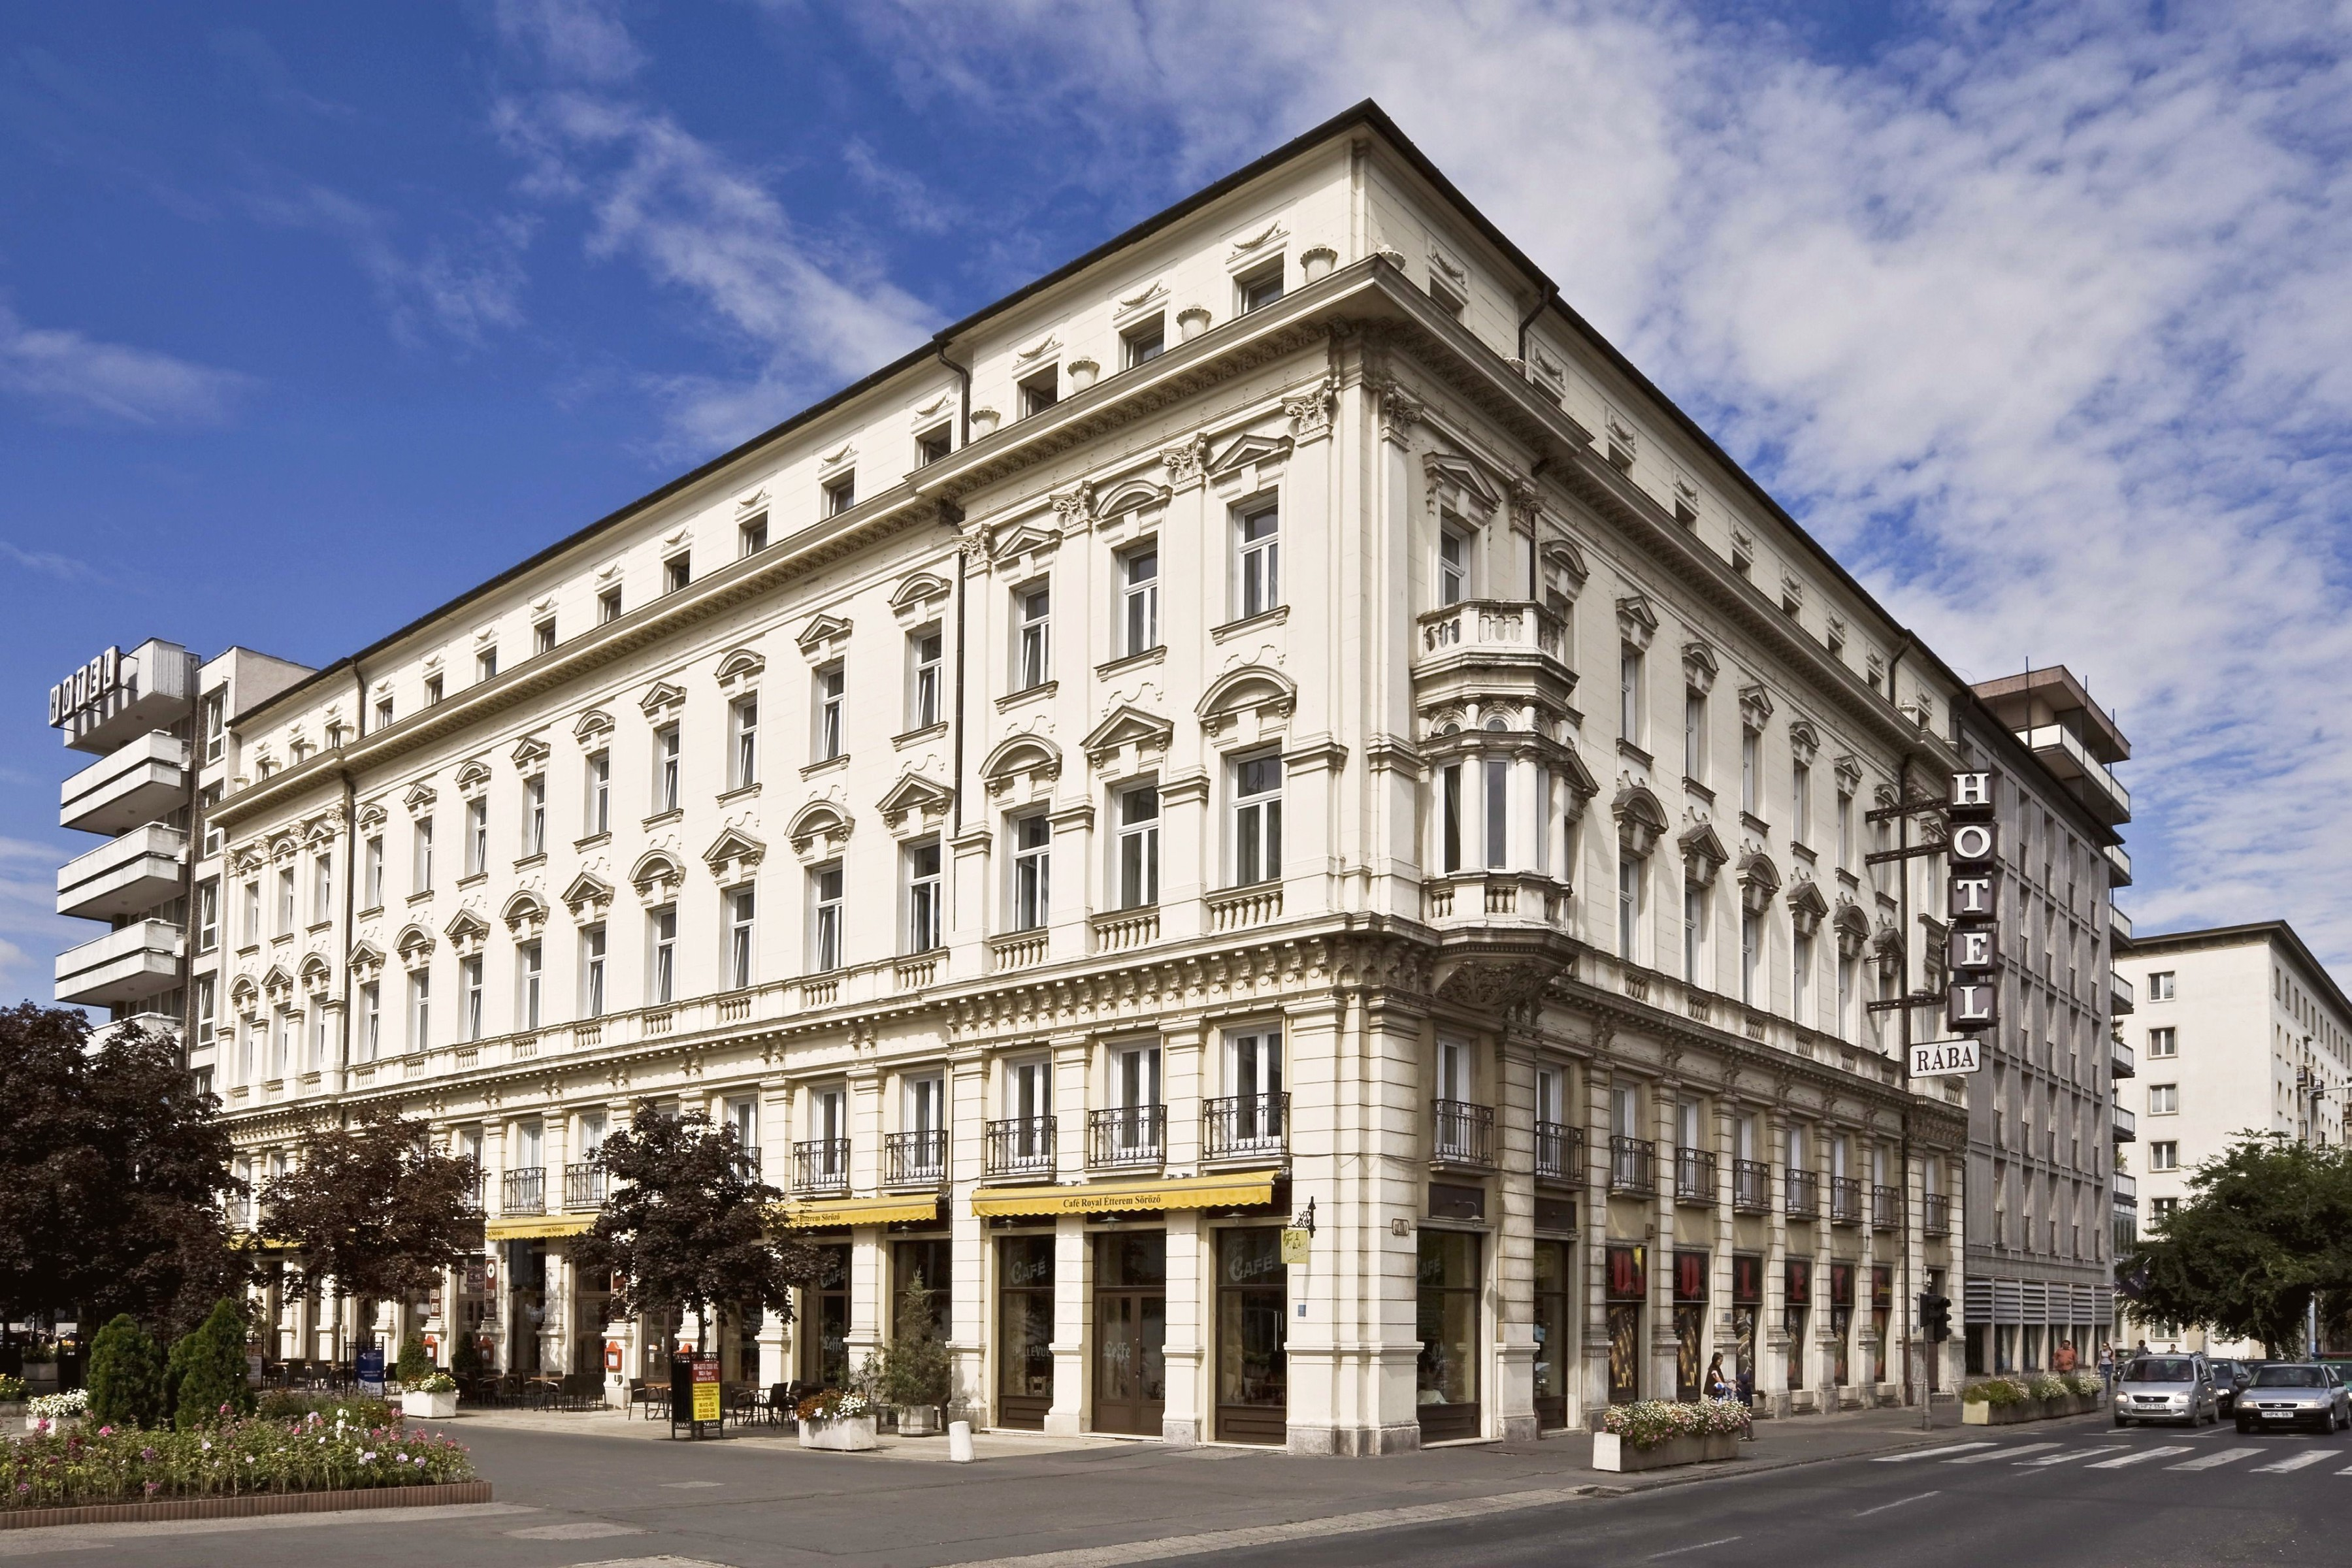 Gy r hotelreservierung ungarn unterkunft in raab for Baroque hotel